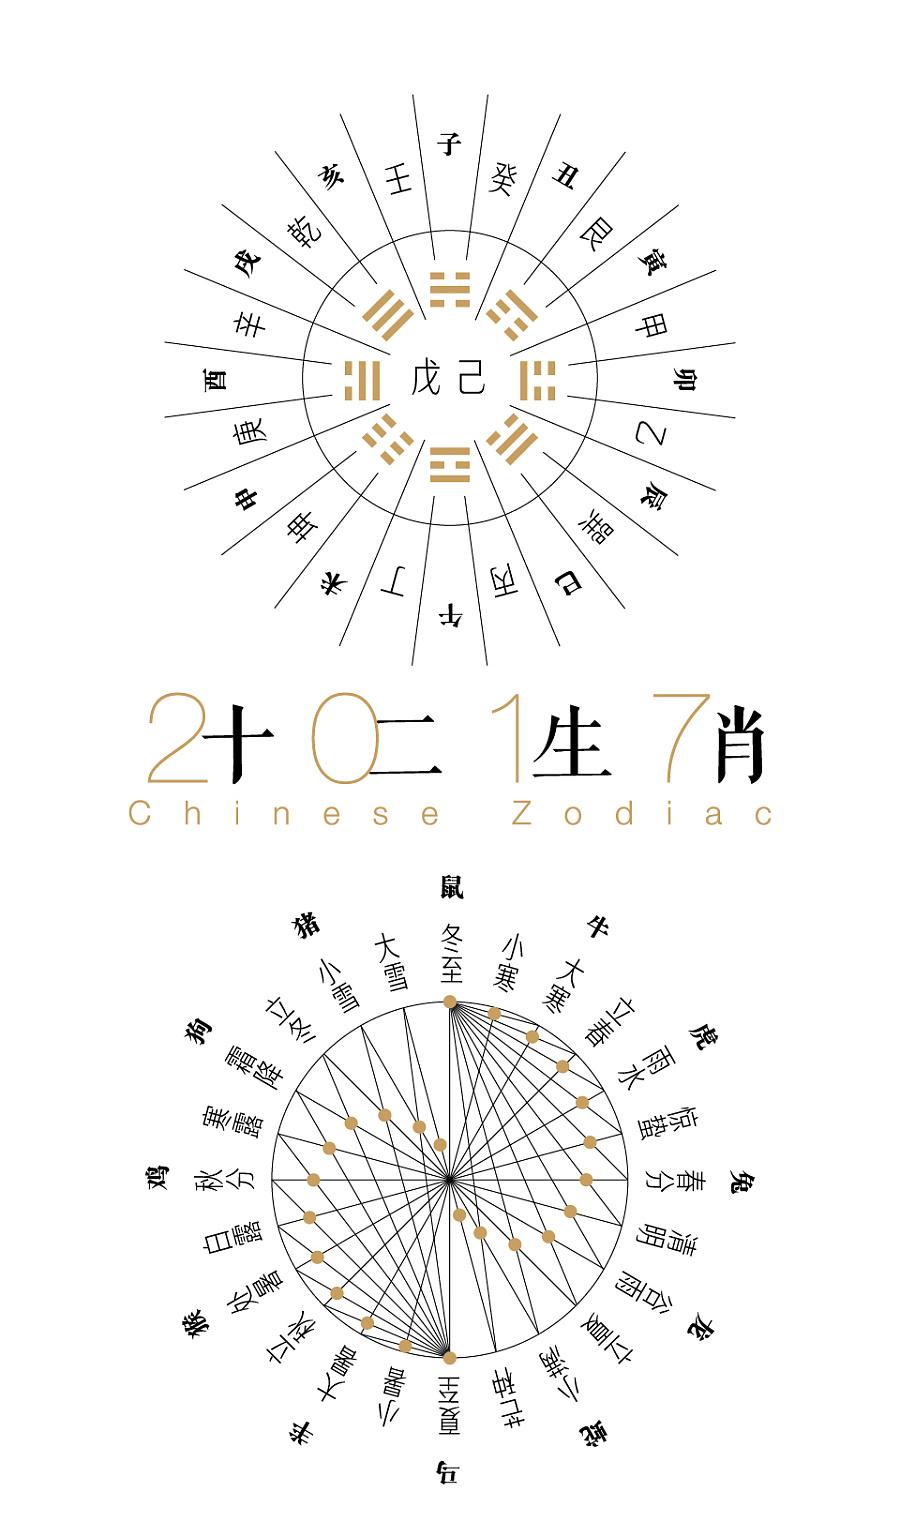 查看《天干地支十二生肖2017鸡年台历》原图,原图尺寸:960x1639